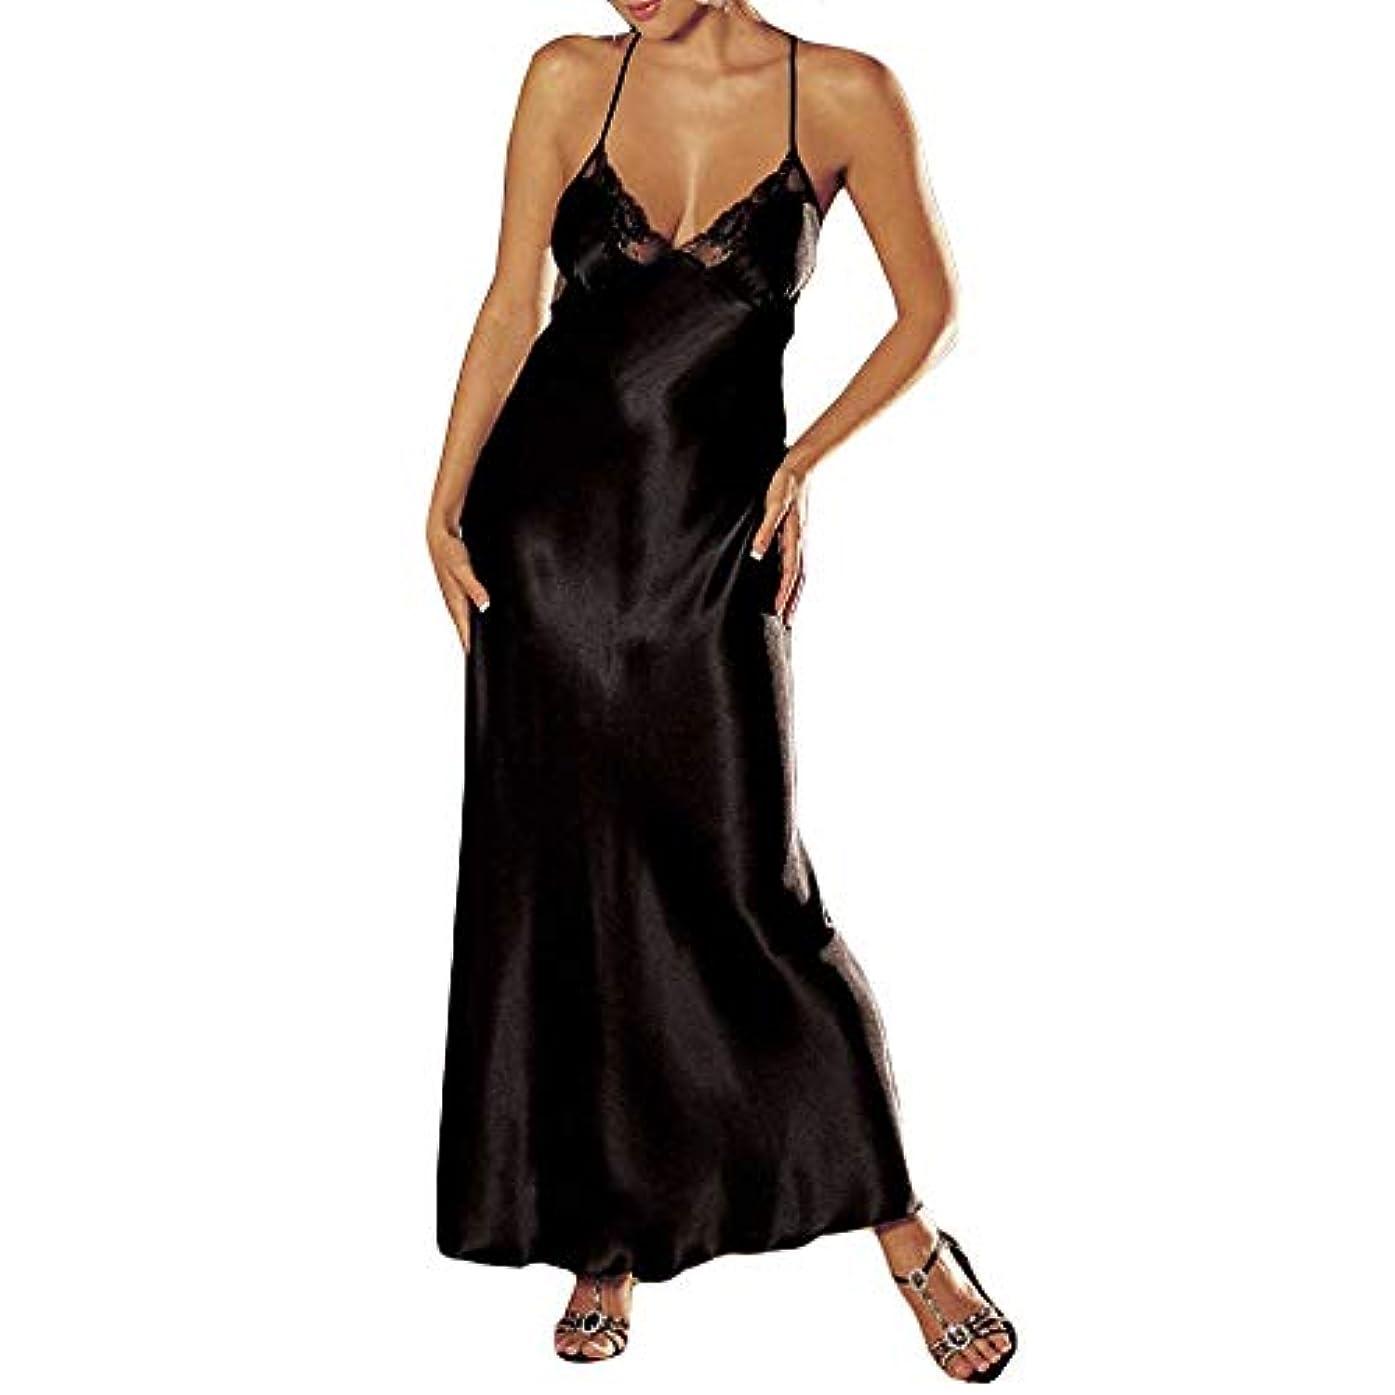 家主サンダルふつう吊りドレス liqiuxiang ウーマン 快適 柔らかい ロングスカート 女性 エレガント 着心地 通気性抜群 パジャマ レディース 上下 花柄 ノースリーブ 高級 襦袢